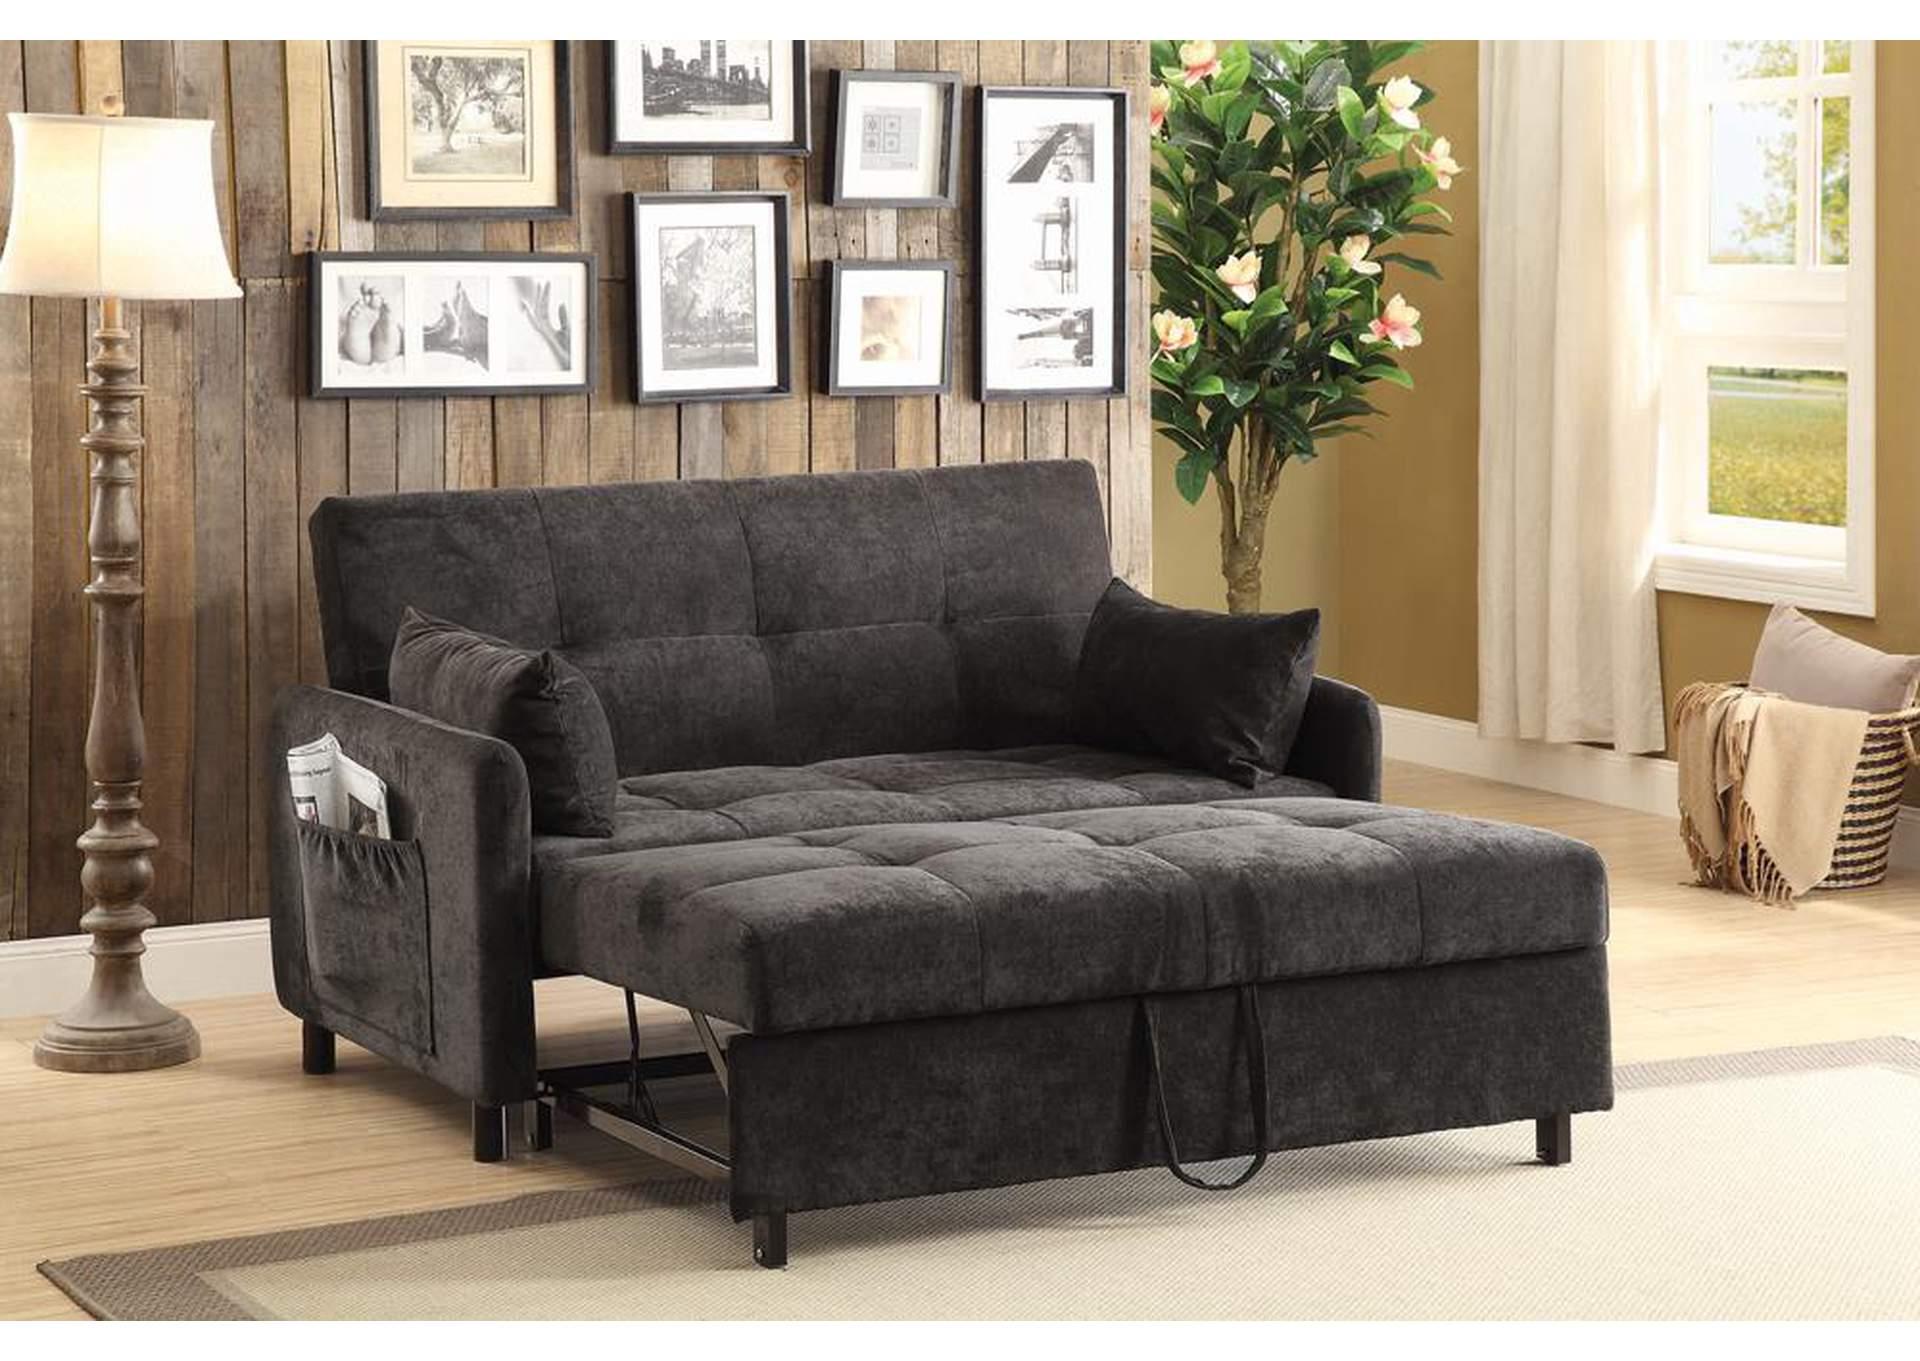 Harlem Furniture Dark Brown Sofa Bed